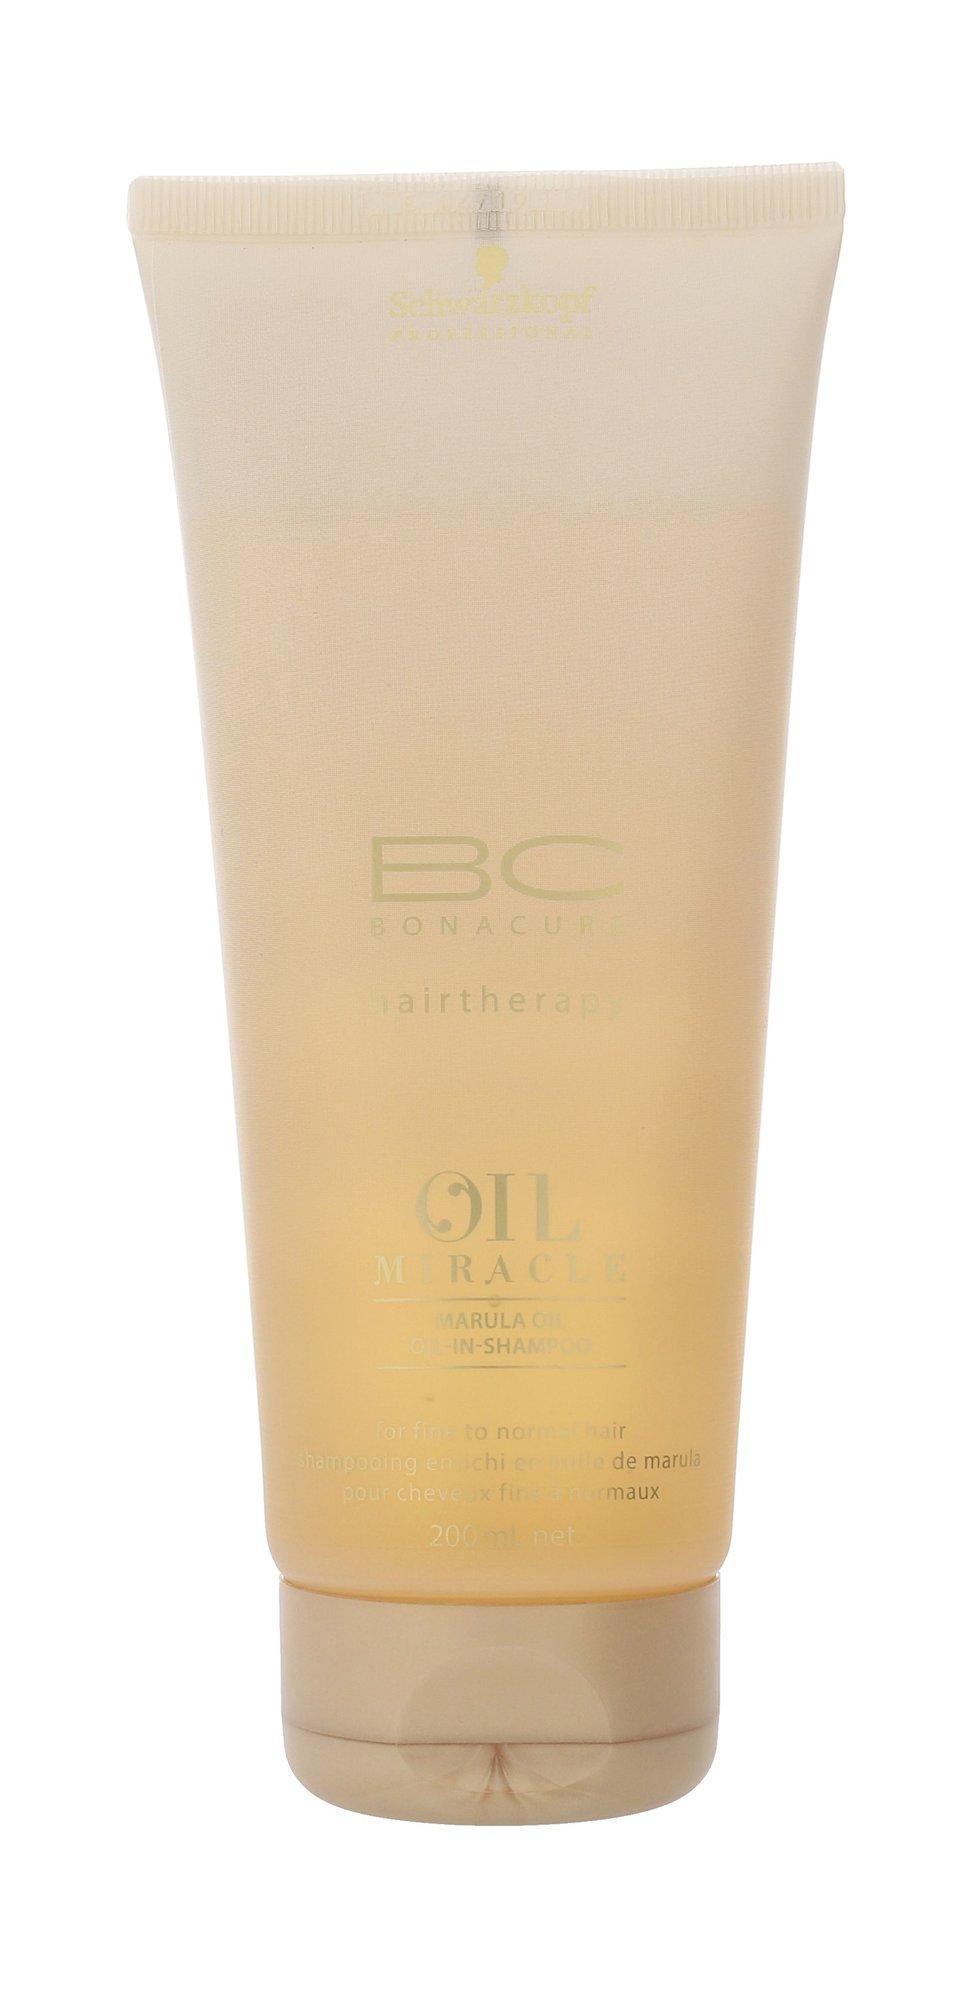 Schwarzkopf BC Bonacure Oil Miracle Cosmetic 200ml